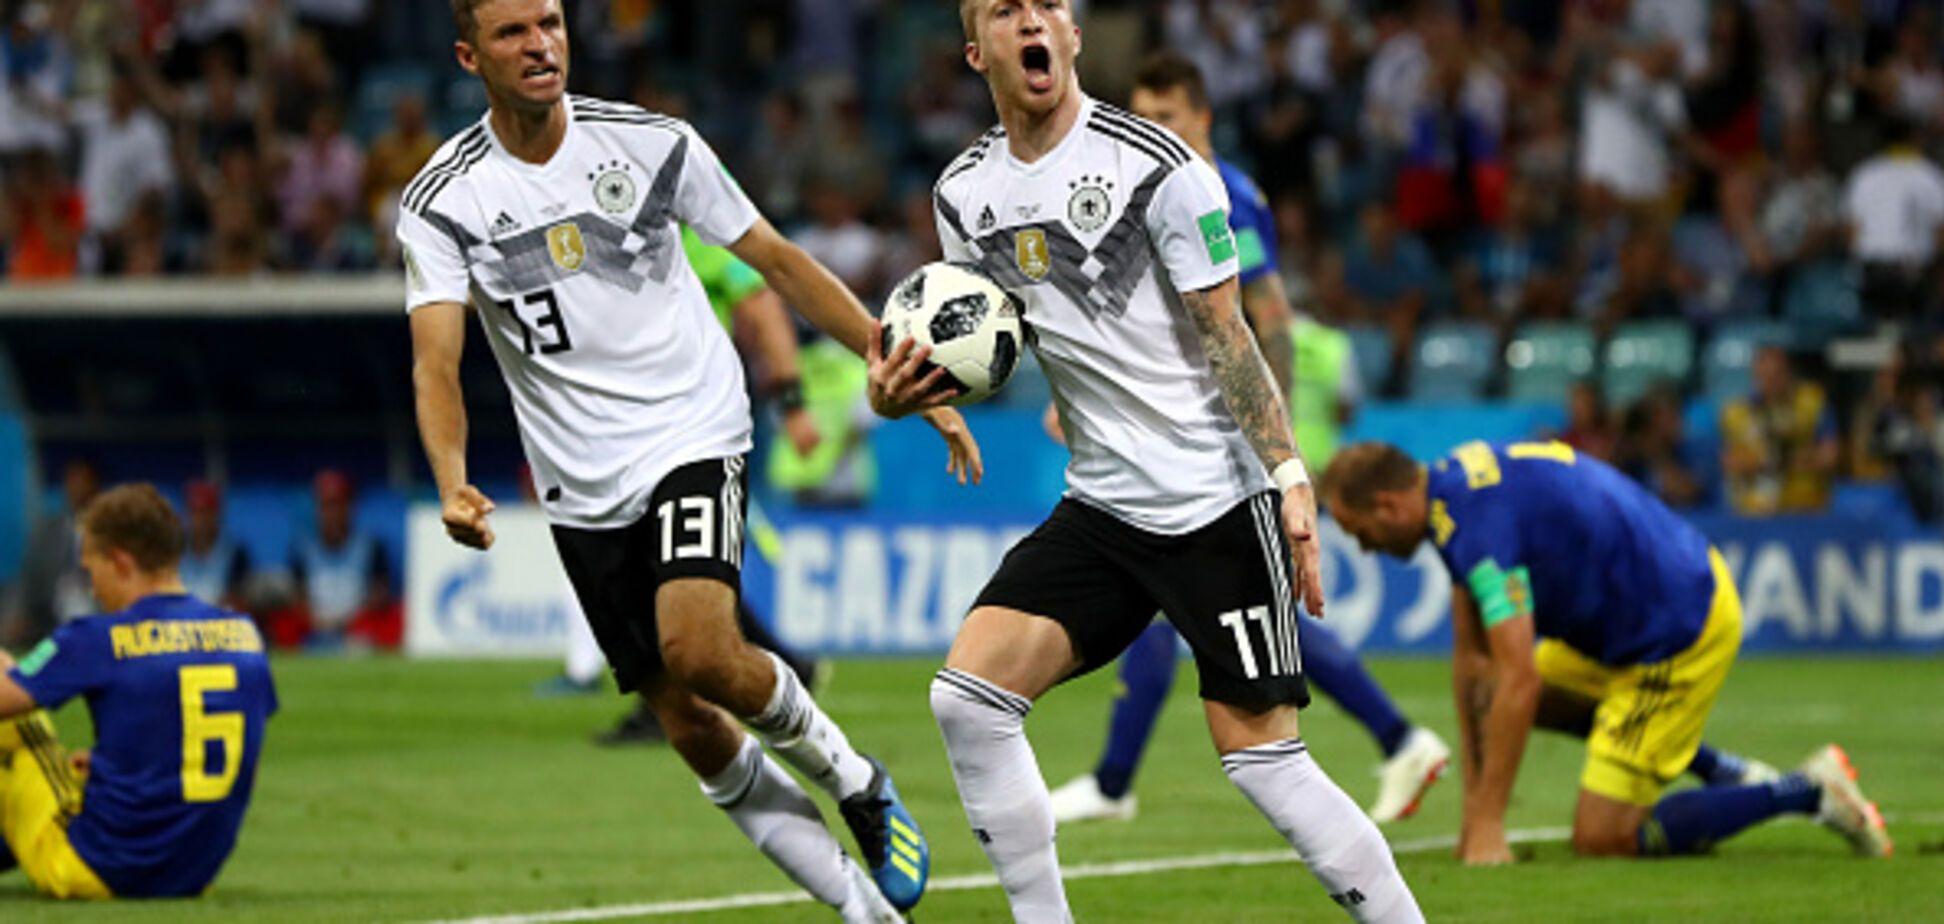 Південна Корея - Німеччина -2-0: онлайн-трансляція матчу ЧС-2018